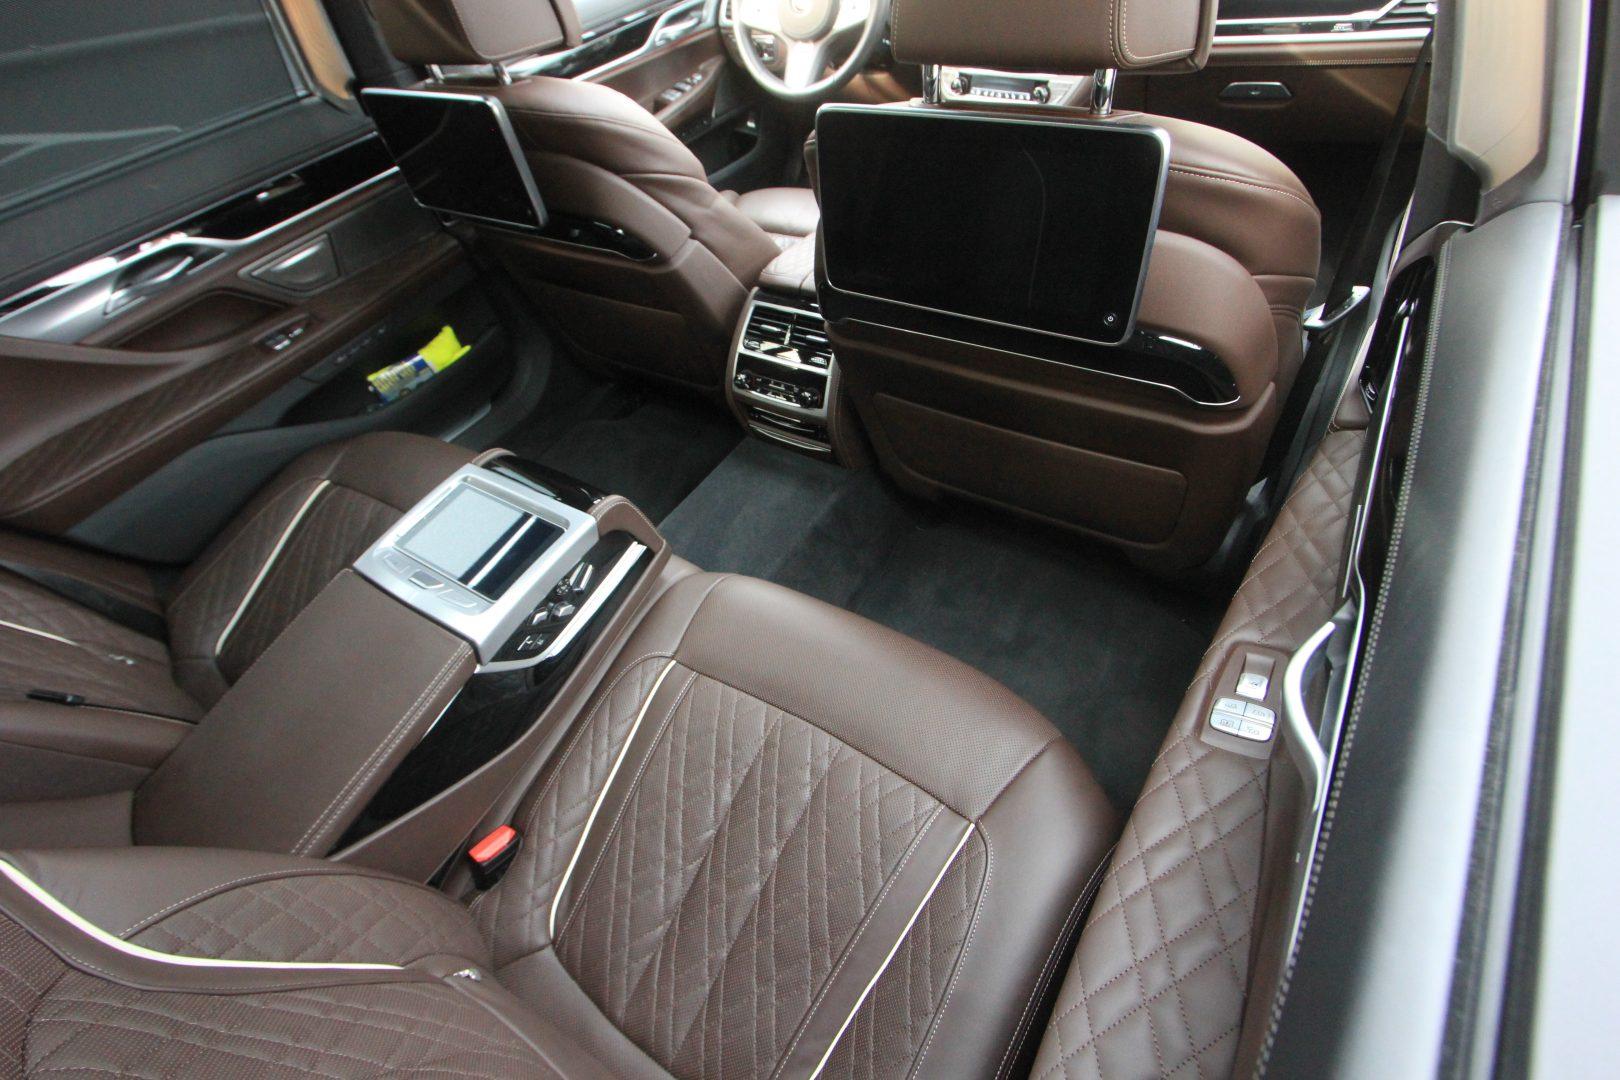 AIL BMW 730Ld xDrive M Paket Laser  6